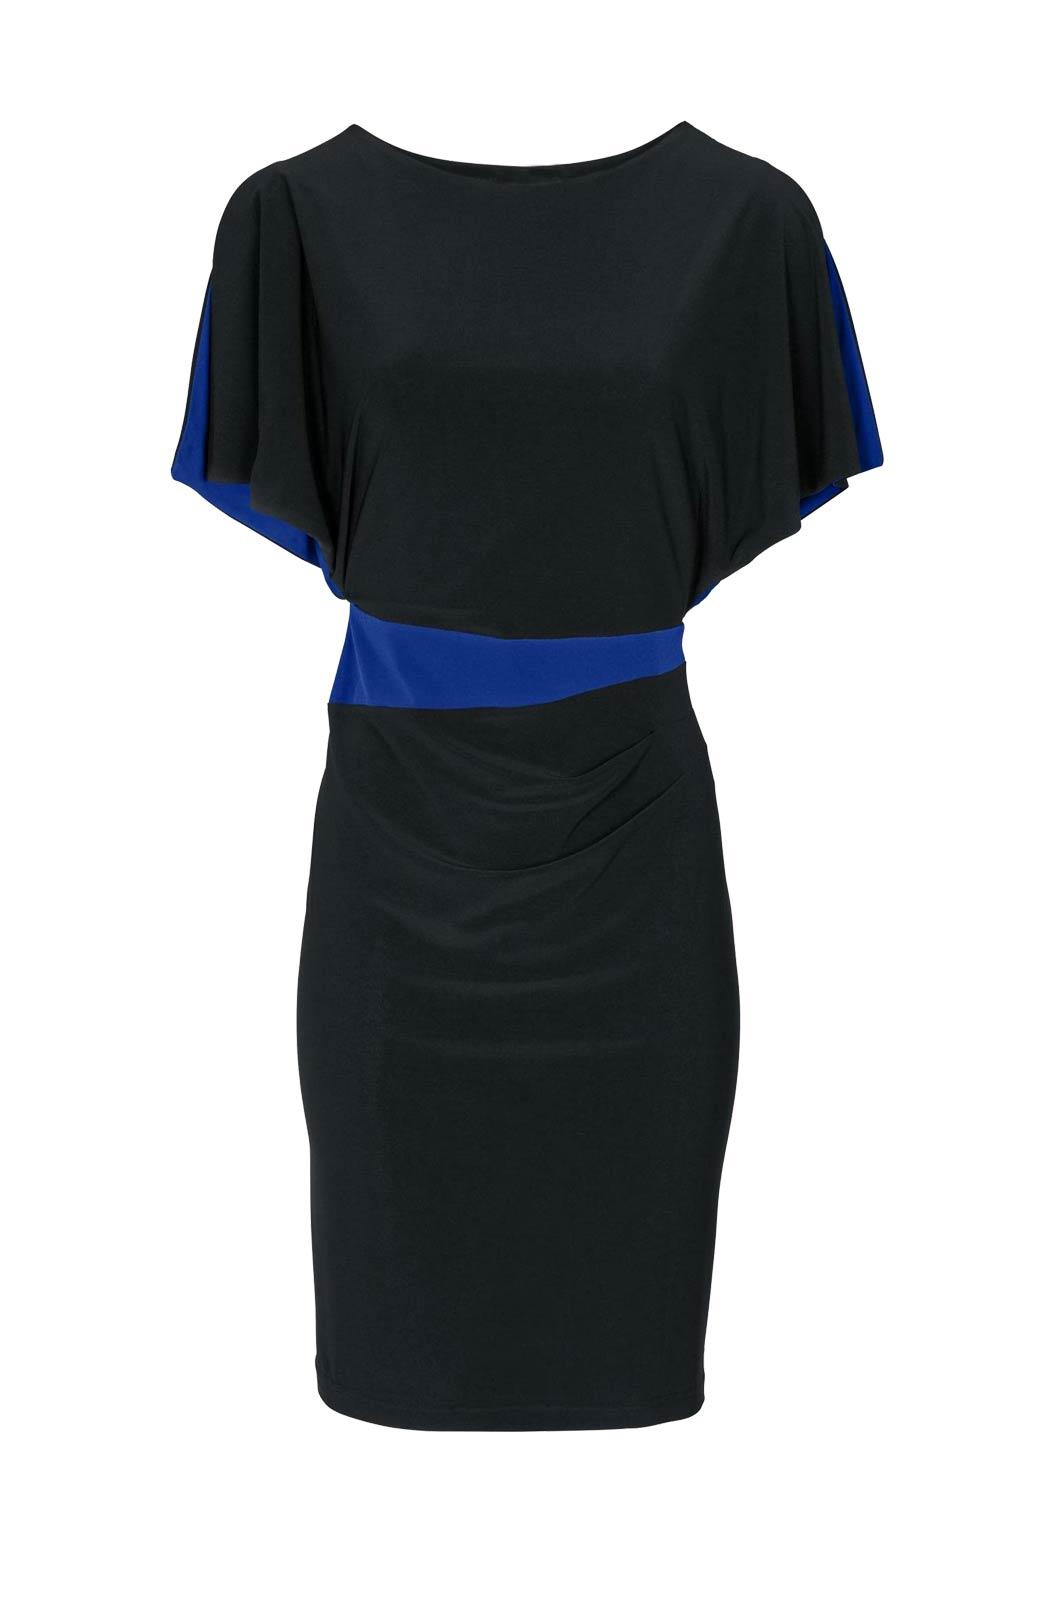 Etuikleid EtuikleiderschöneKleider Damenknielnag schwarz royalblau von Heine Missforty